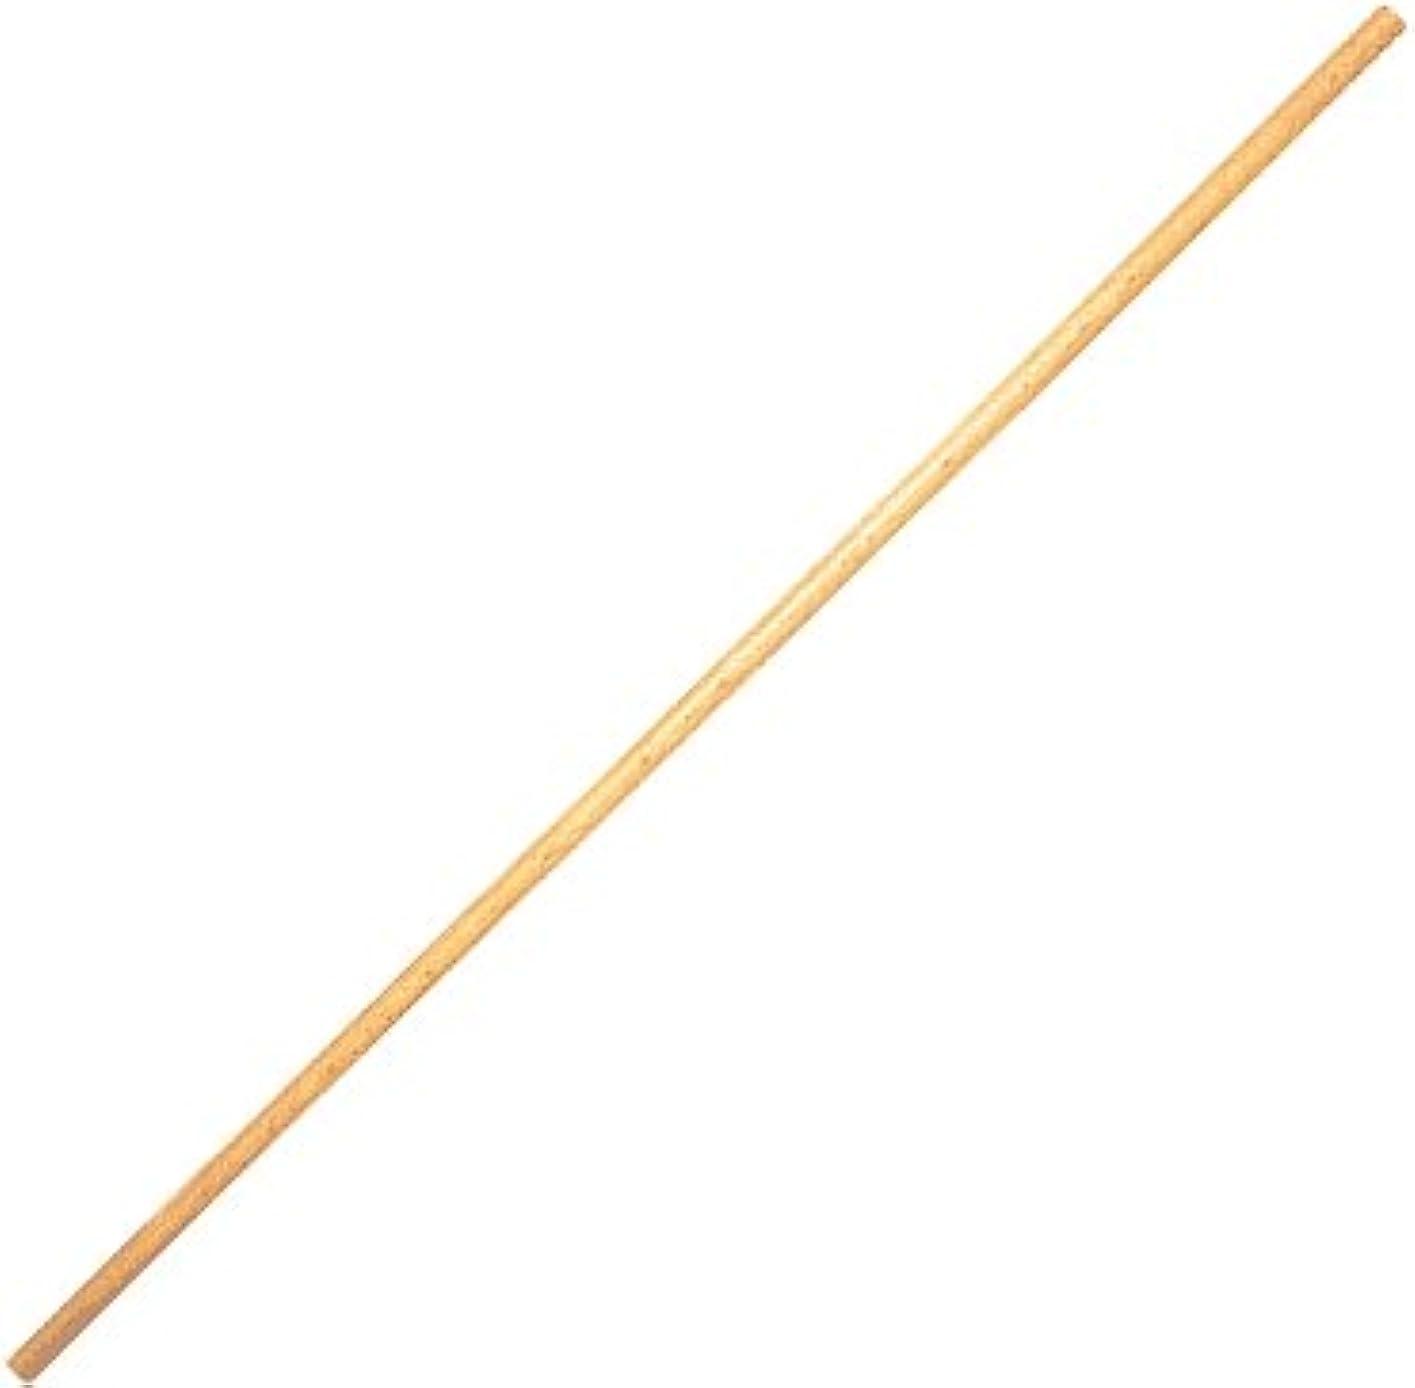 もう一度悲鳴悩み【国産木刀】白樫杖4.21尺(8分径)20本セット